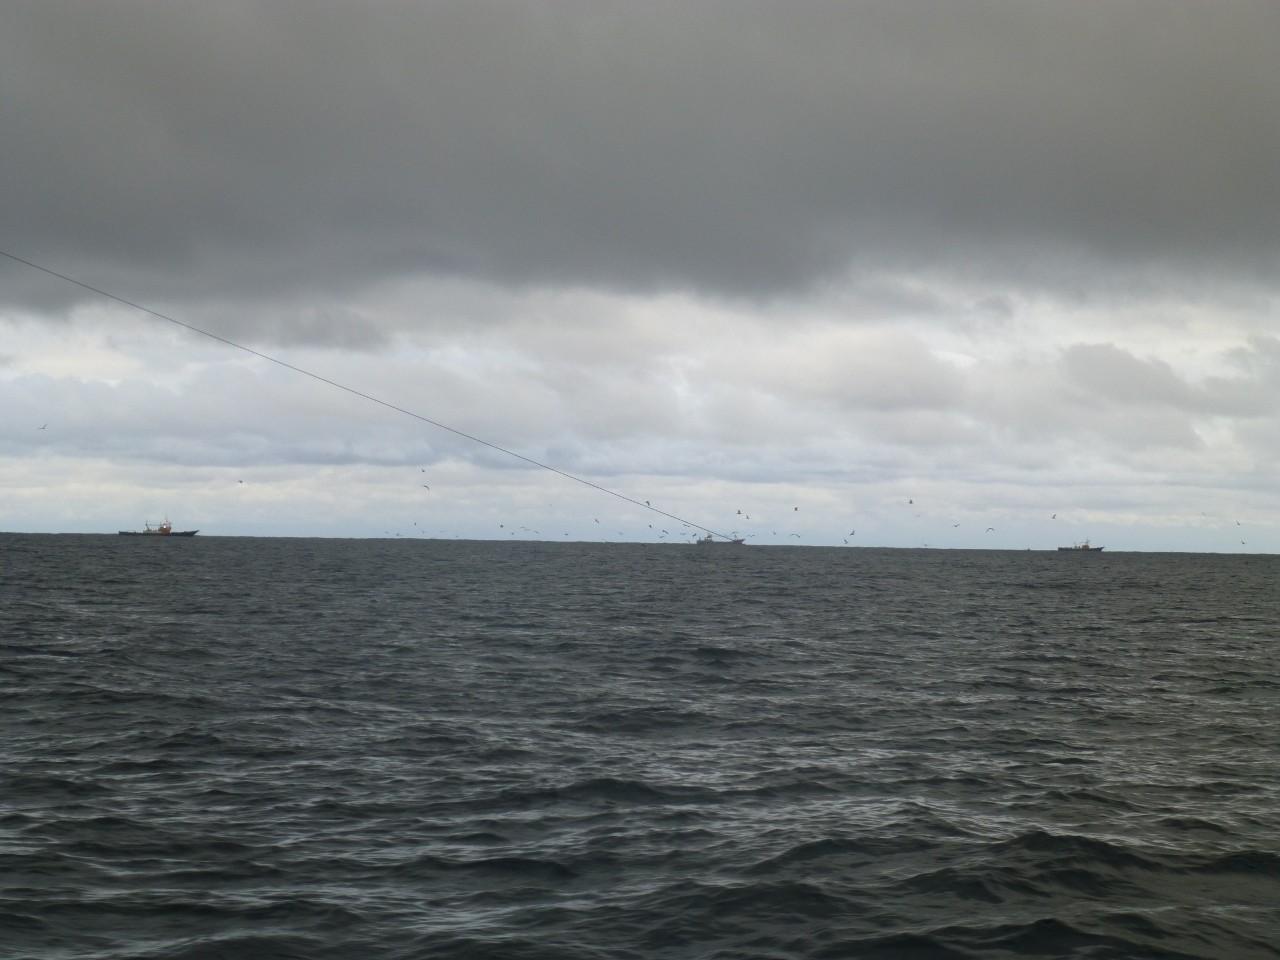 12月20日一重だしポイント付近 午後~明日にかけ時化・大型巻き網船東側で避難しています